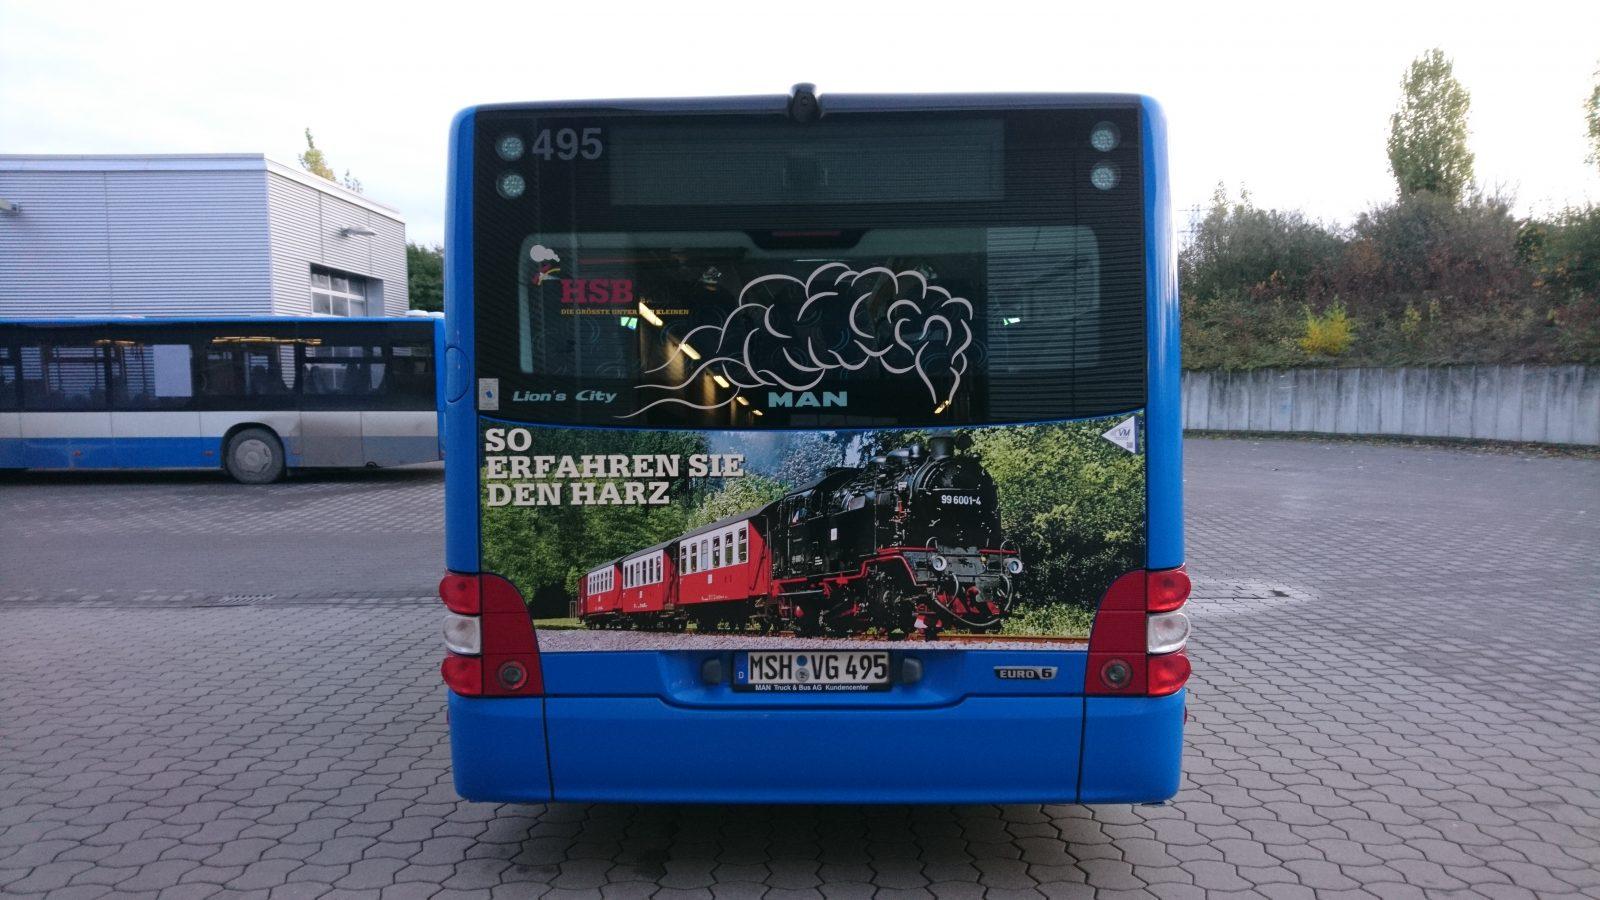 Buswerbung in Thüringen - Harzer Schmalspurbahn